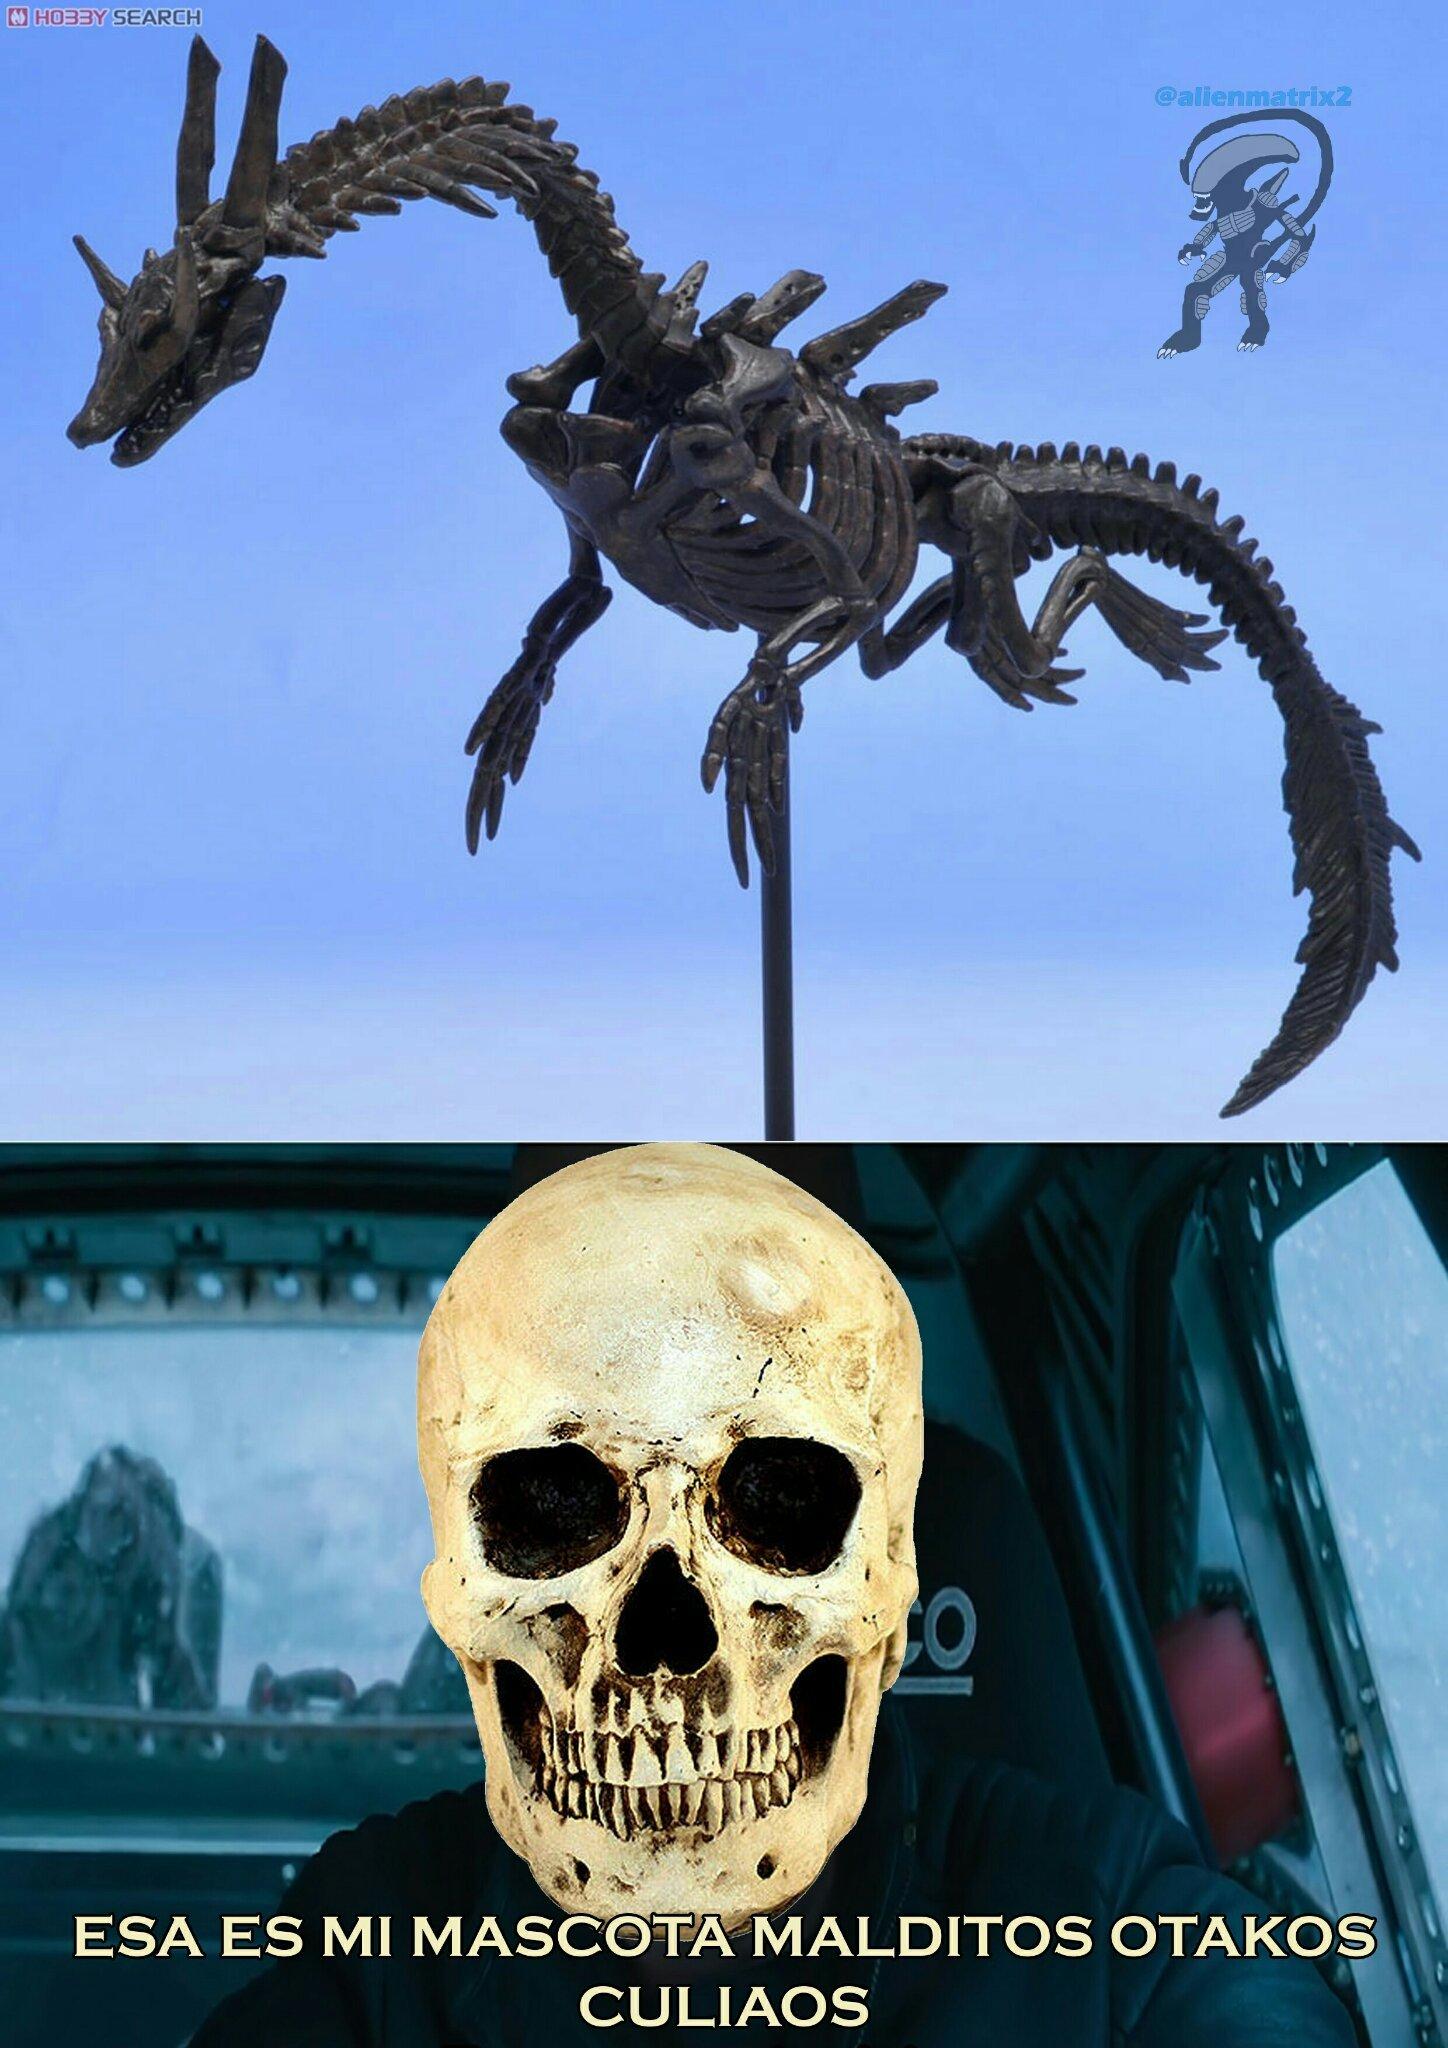 Los otakos están perdidos ante nuestro esqueleto anti otakos favorito - meme